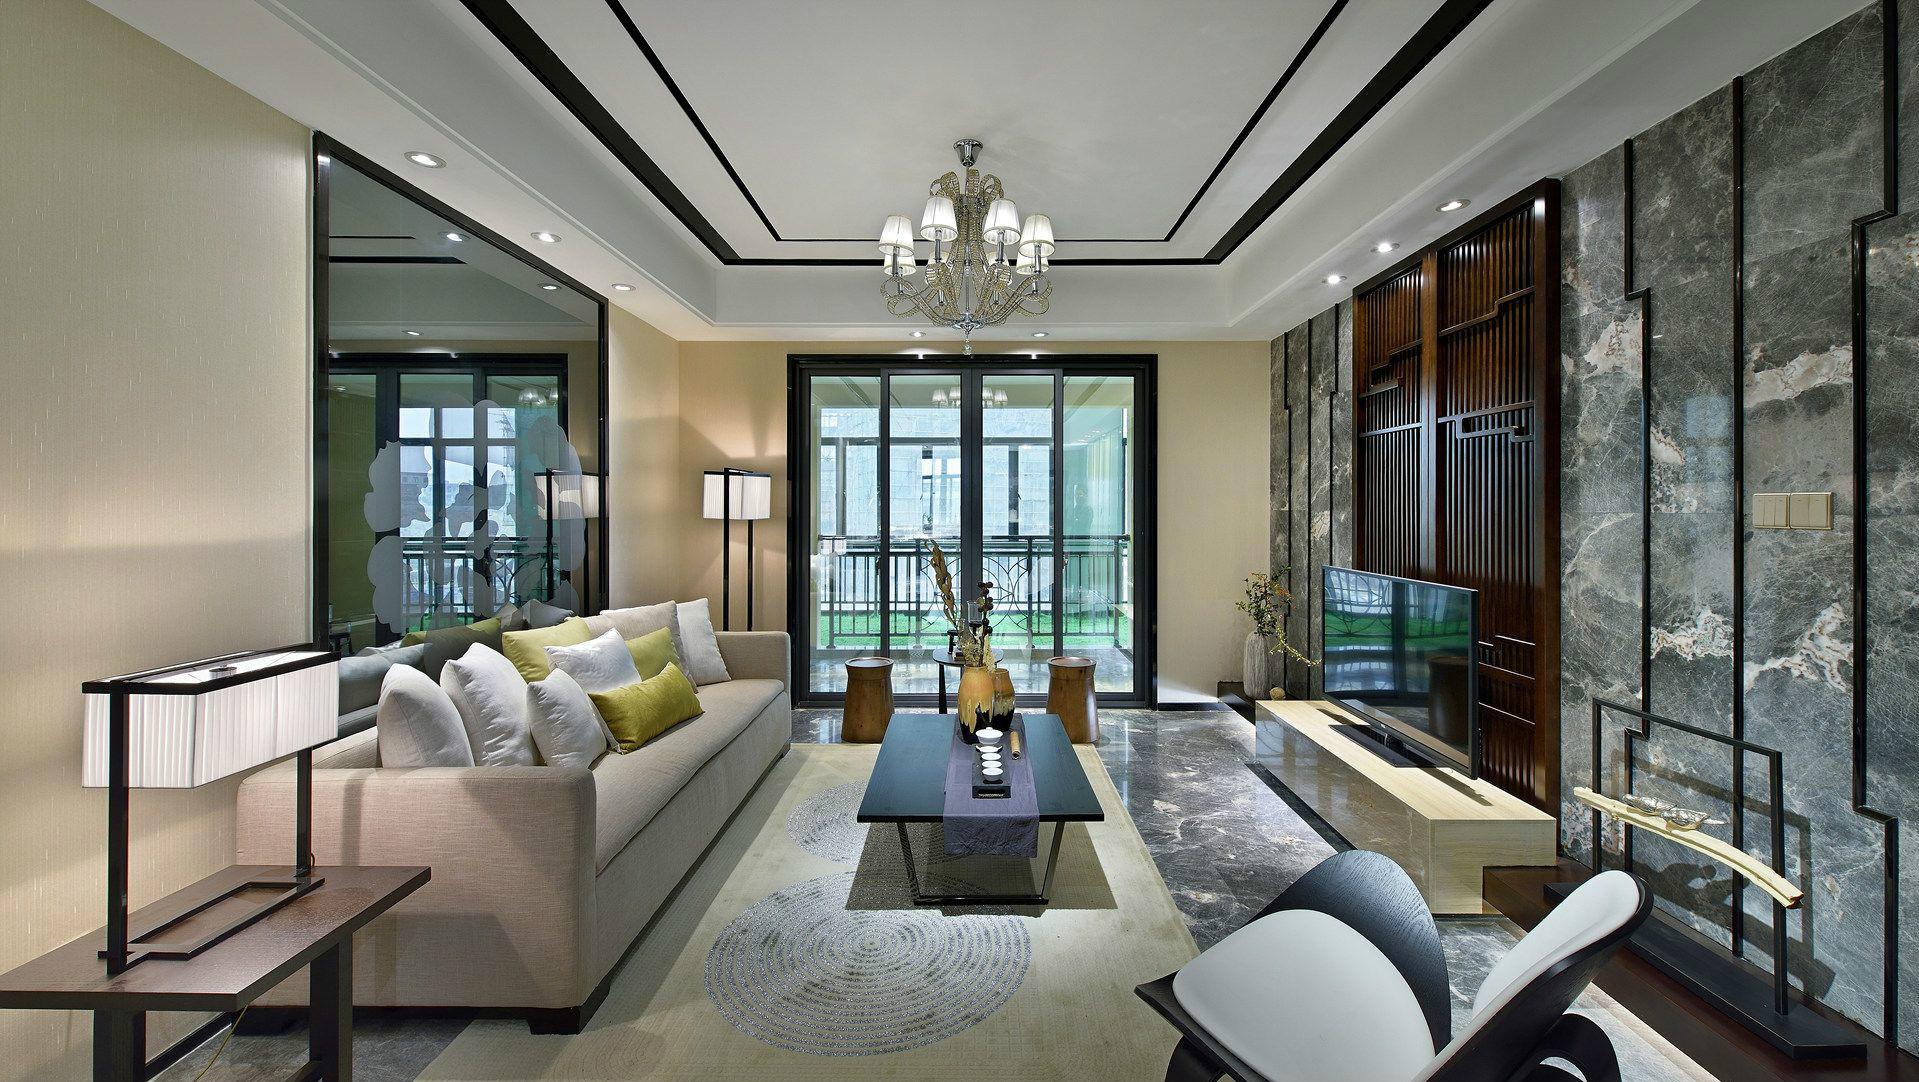 客厅浅灰色布艺沙发及椅子的搭配,舒适感十足,还带有一丝文艺的范。